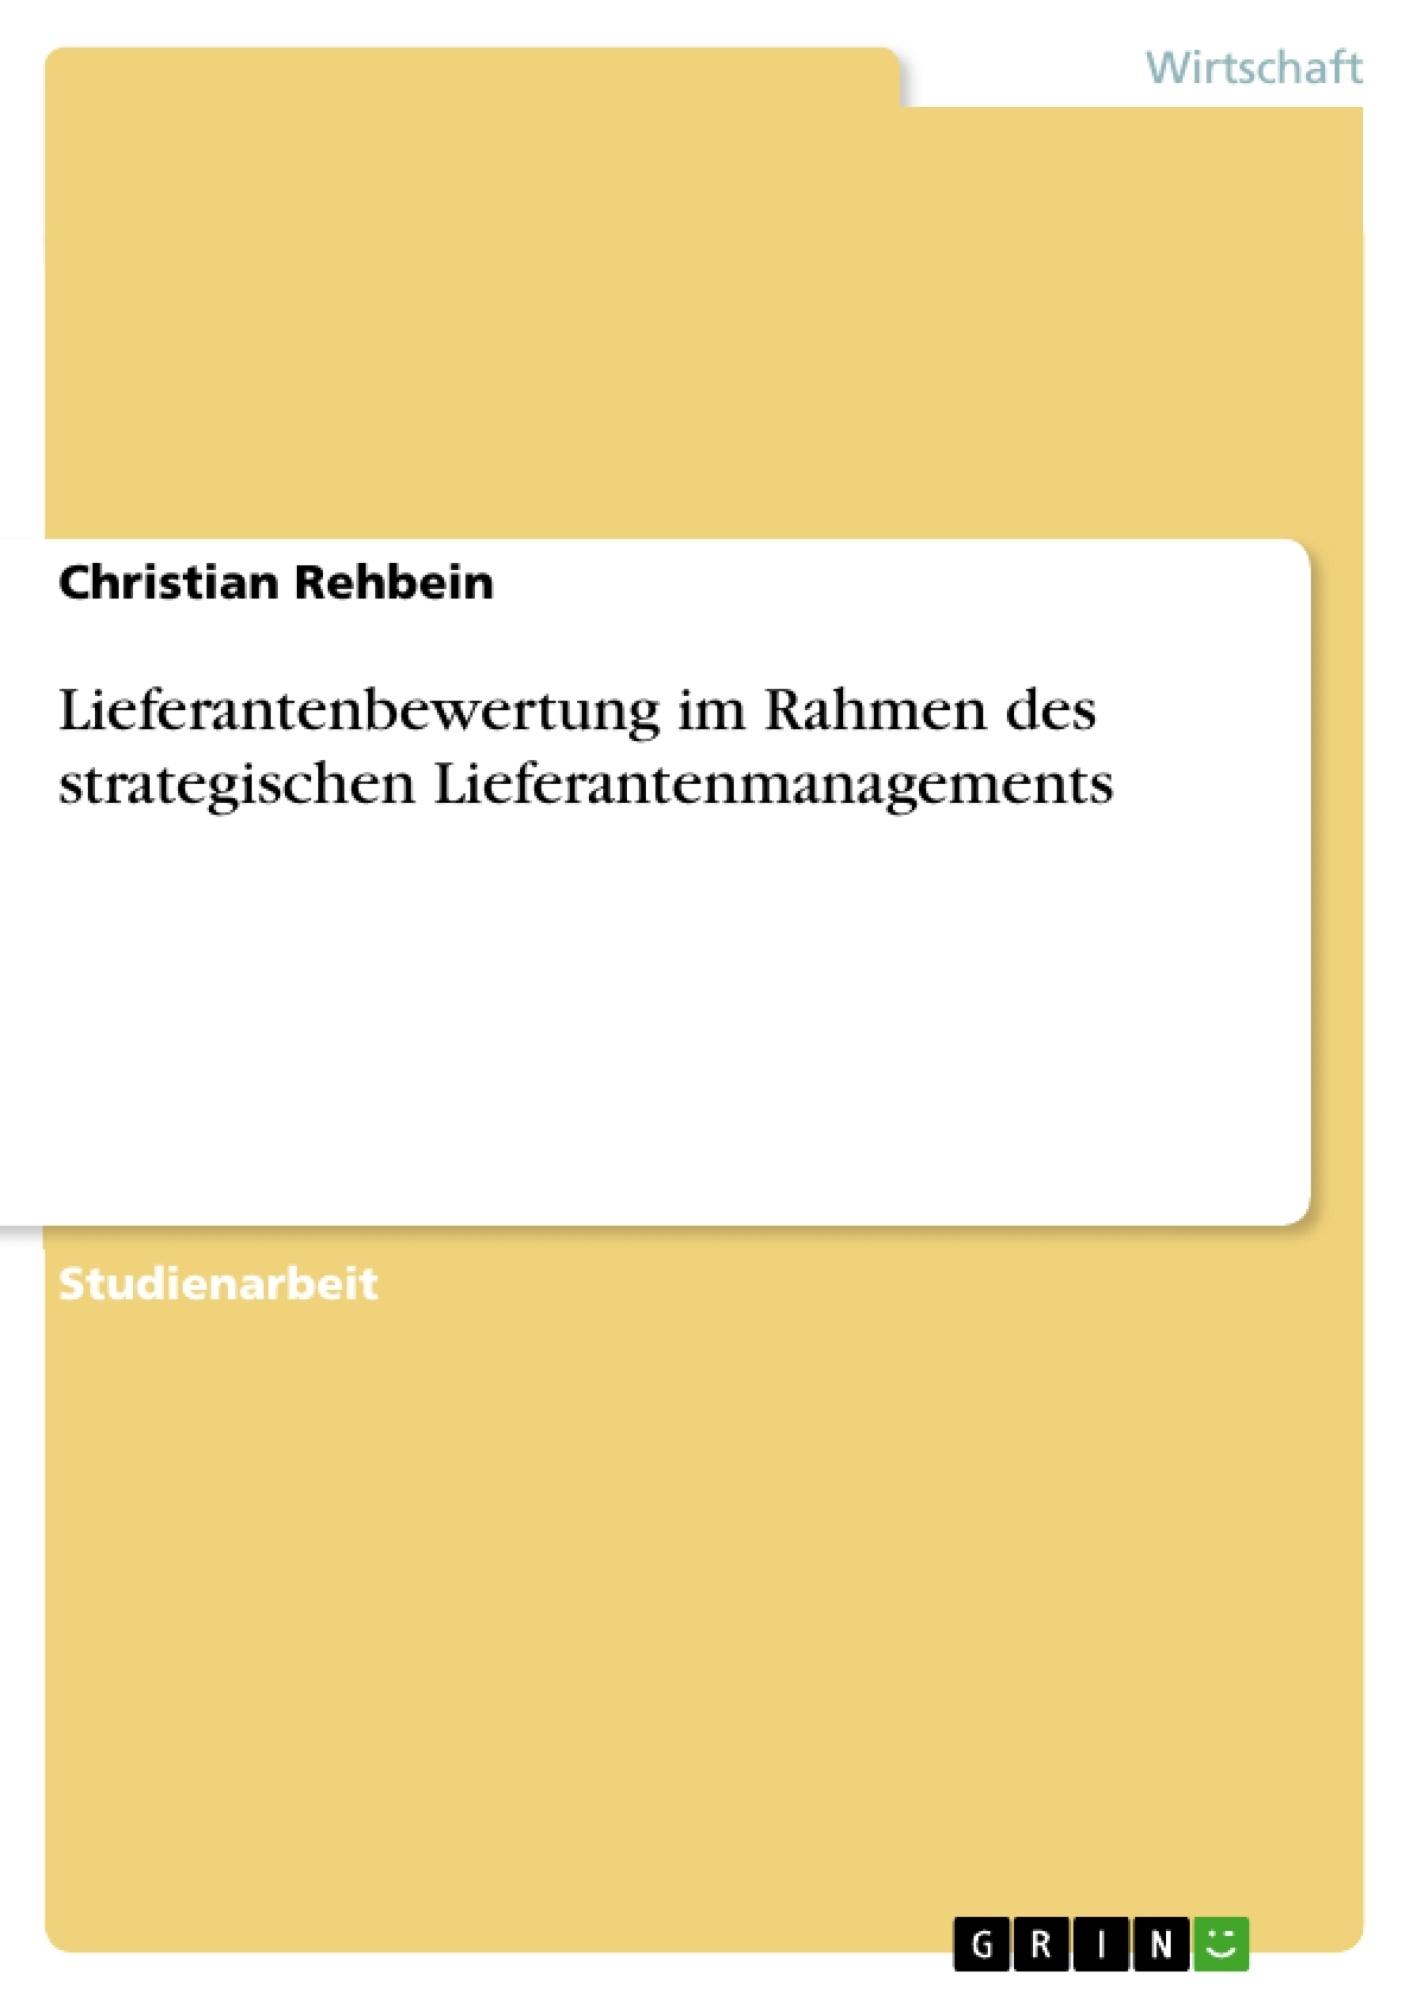 Titel: Lieferantenbewertung im Rahmen des strategischen Lieferantenmanagements